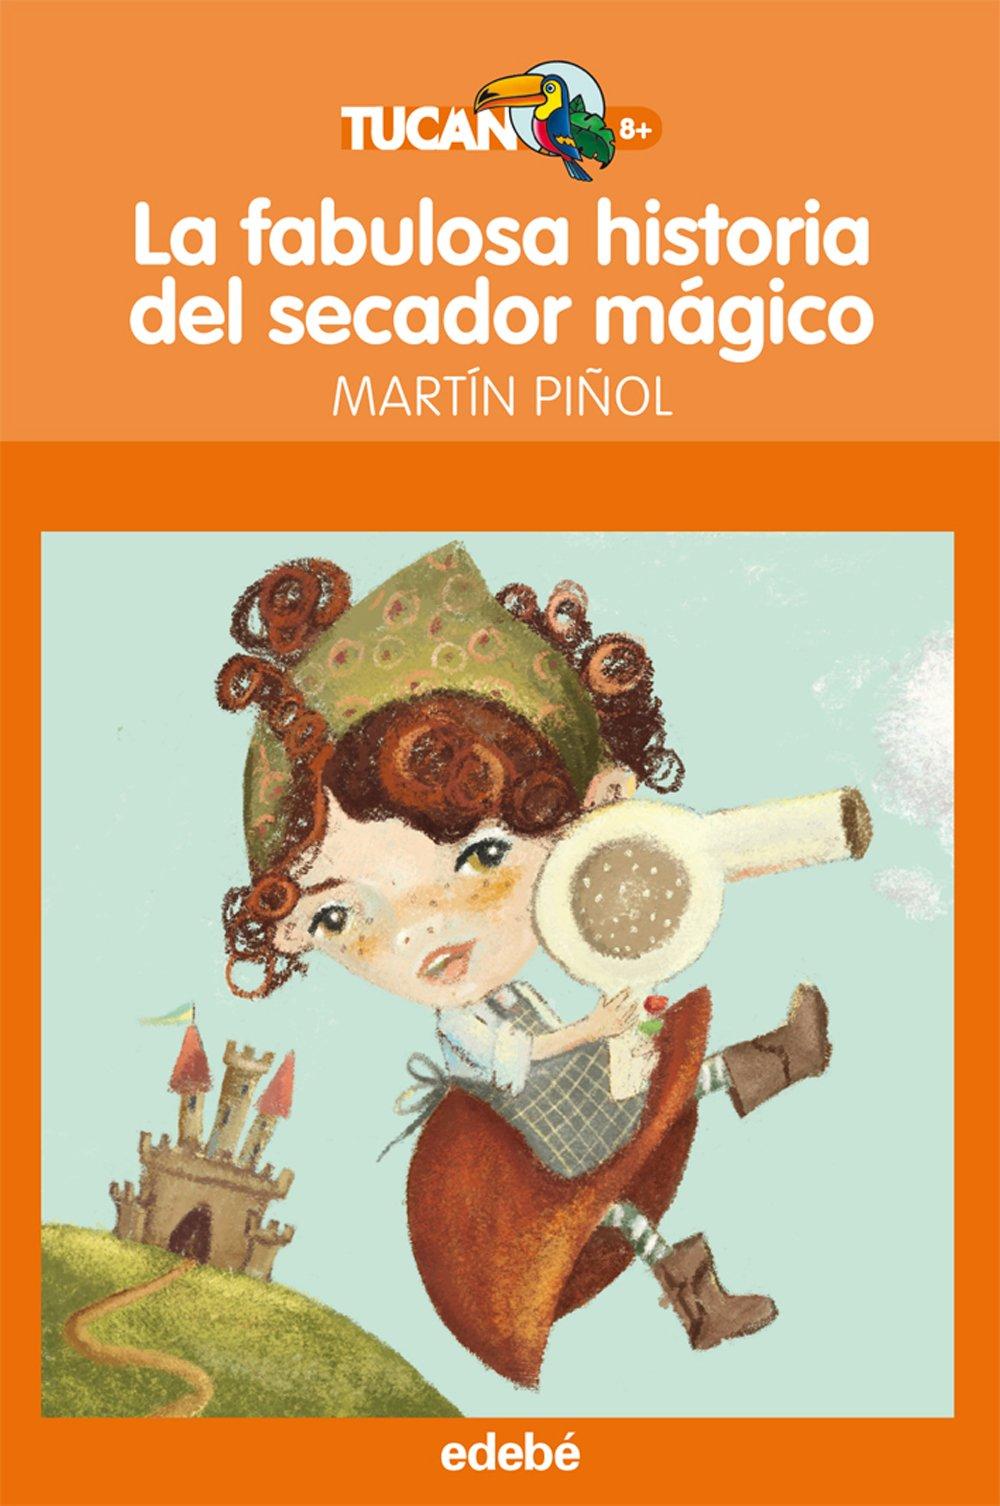 La fabulosa historia del secador magico (Spanish Edition) (Spanish) Paperback – March 21, 2011